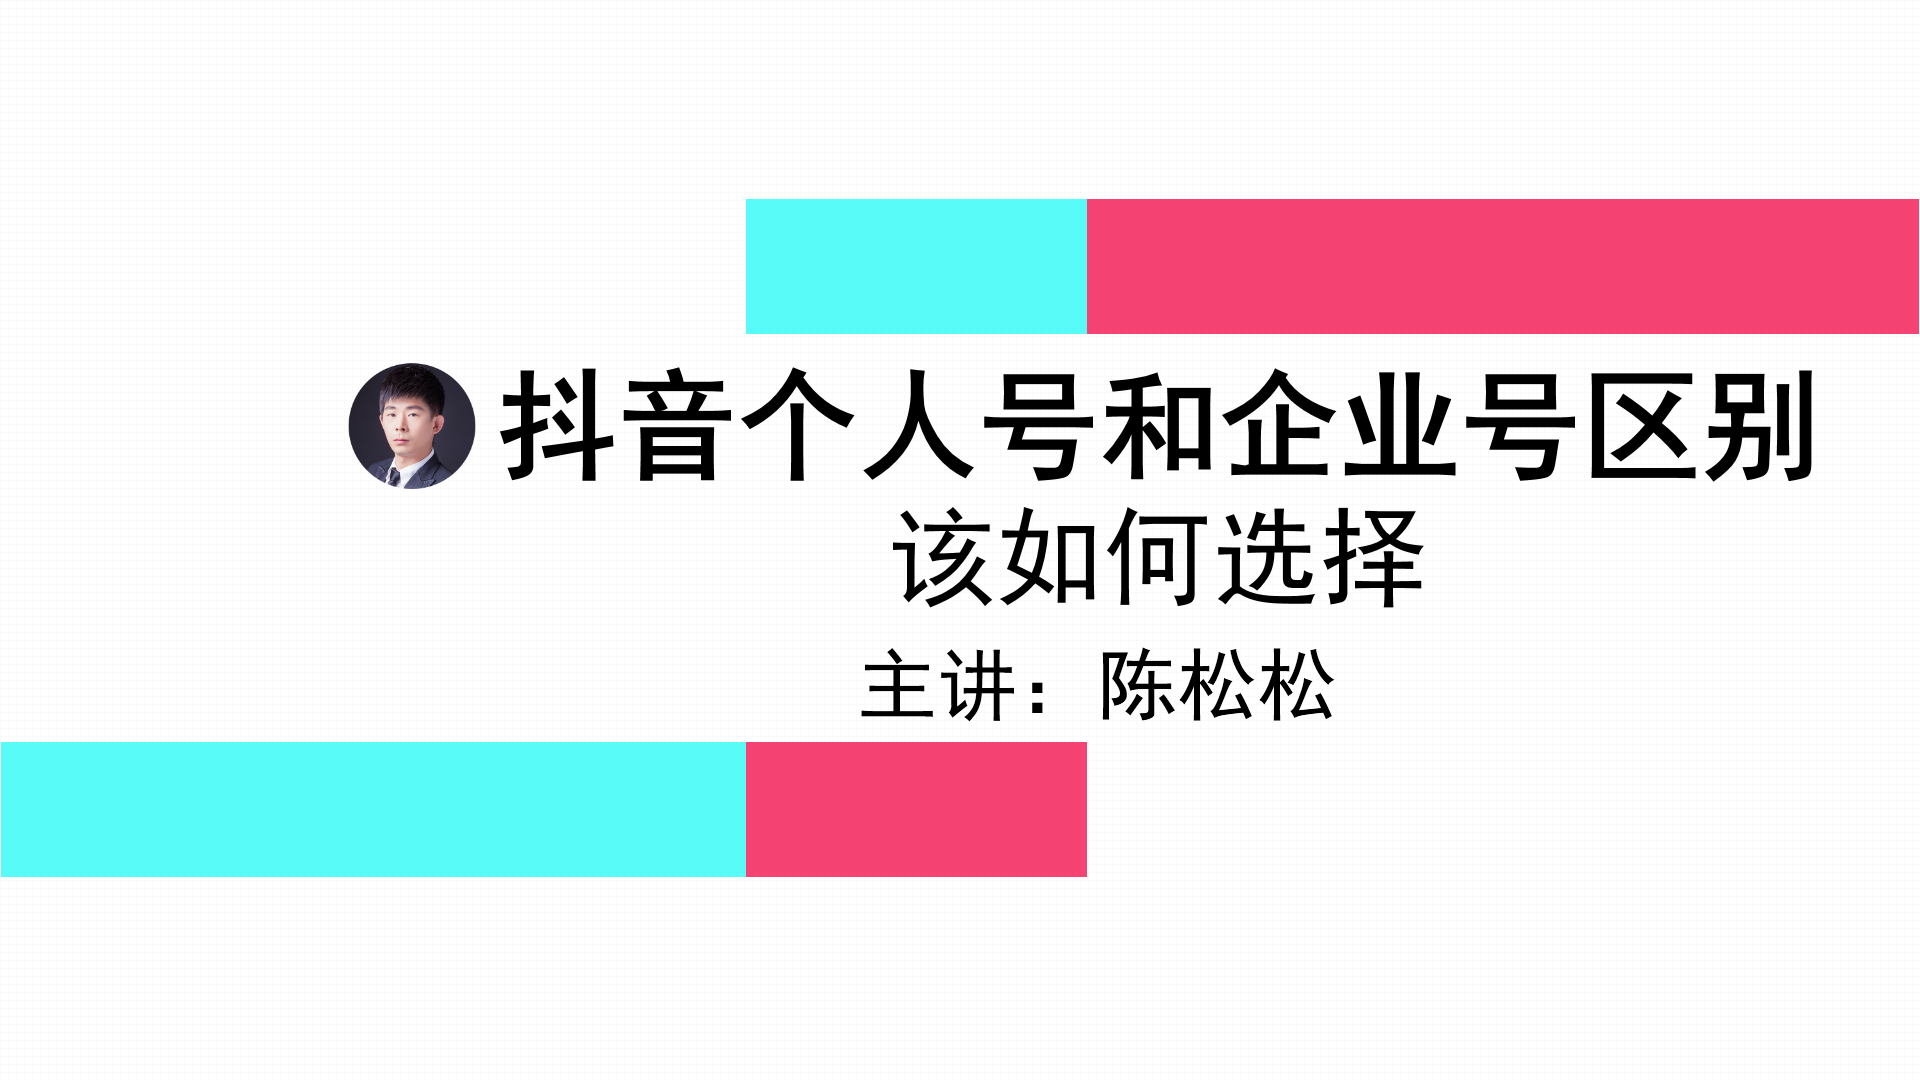 陈松松:新人运营抖音,该如何选择个人号、企业号,有什么区别